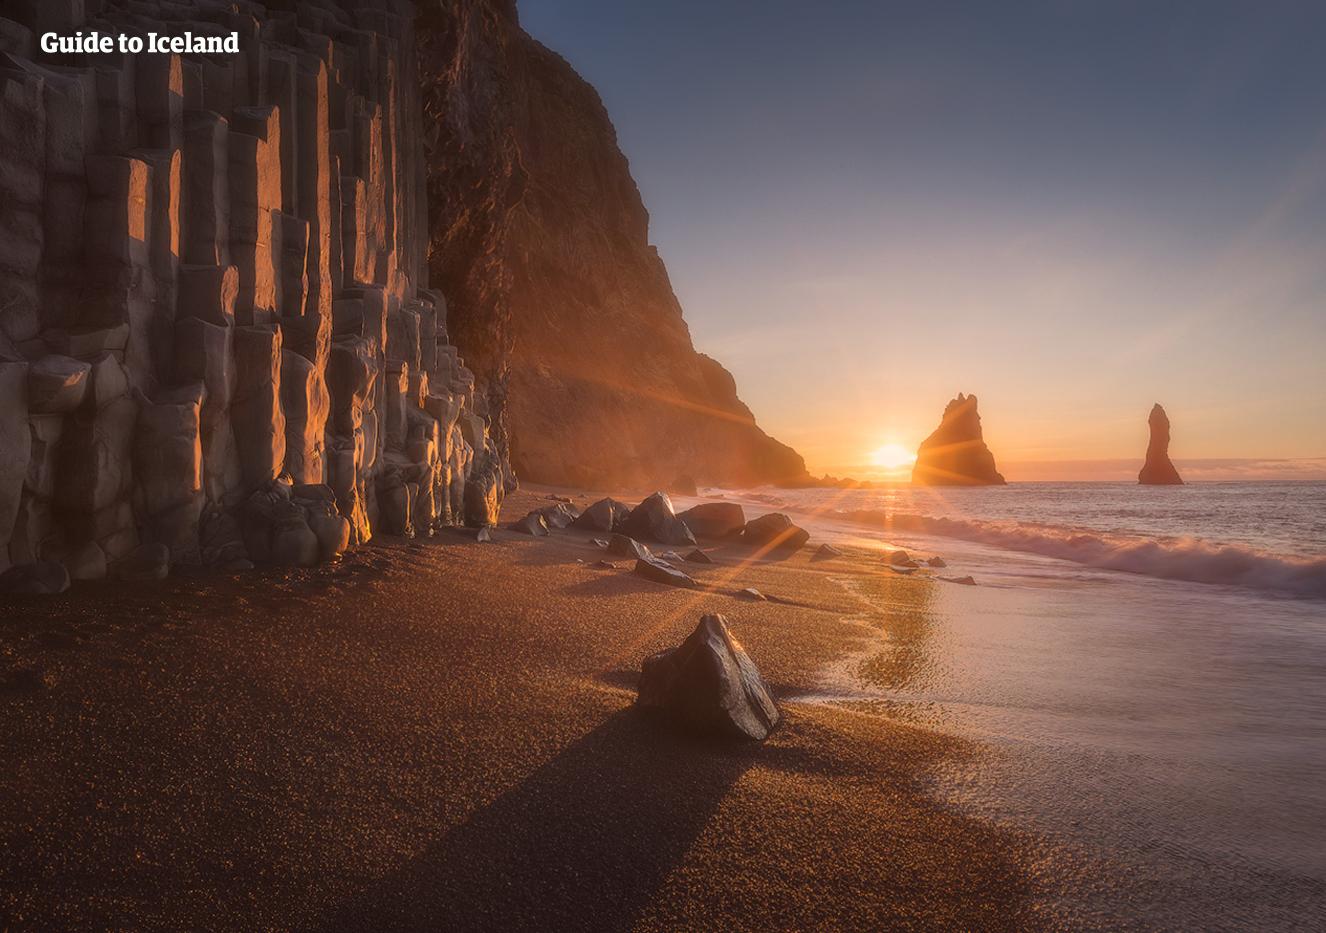 레이니스퍄라 검은 모래해변에 내려앉은 노을.